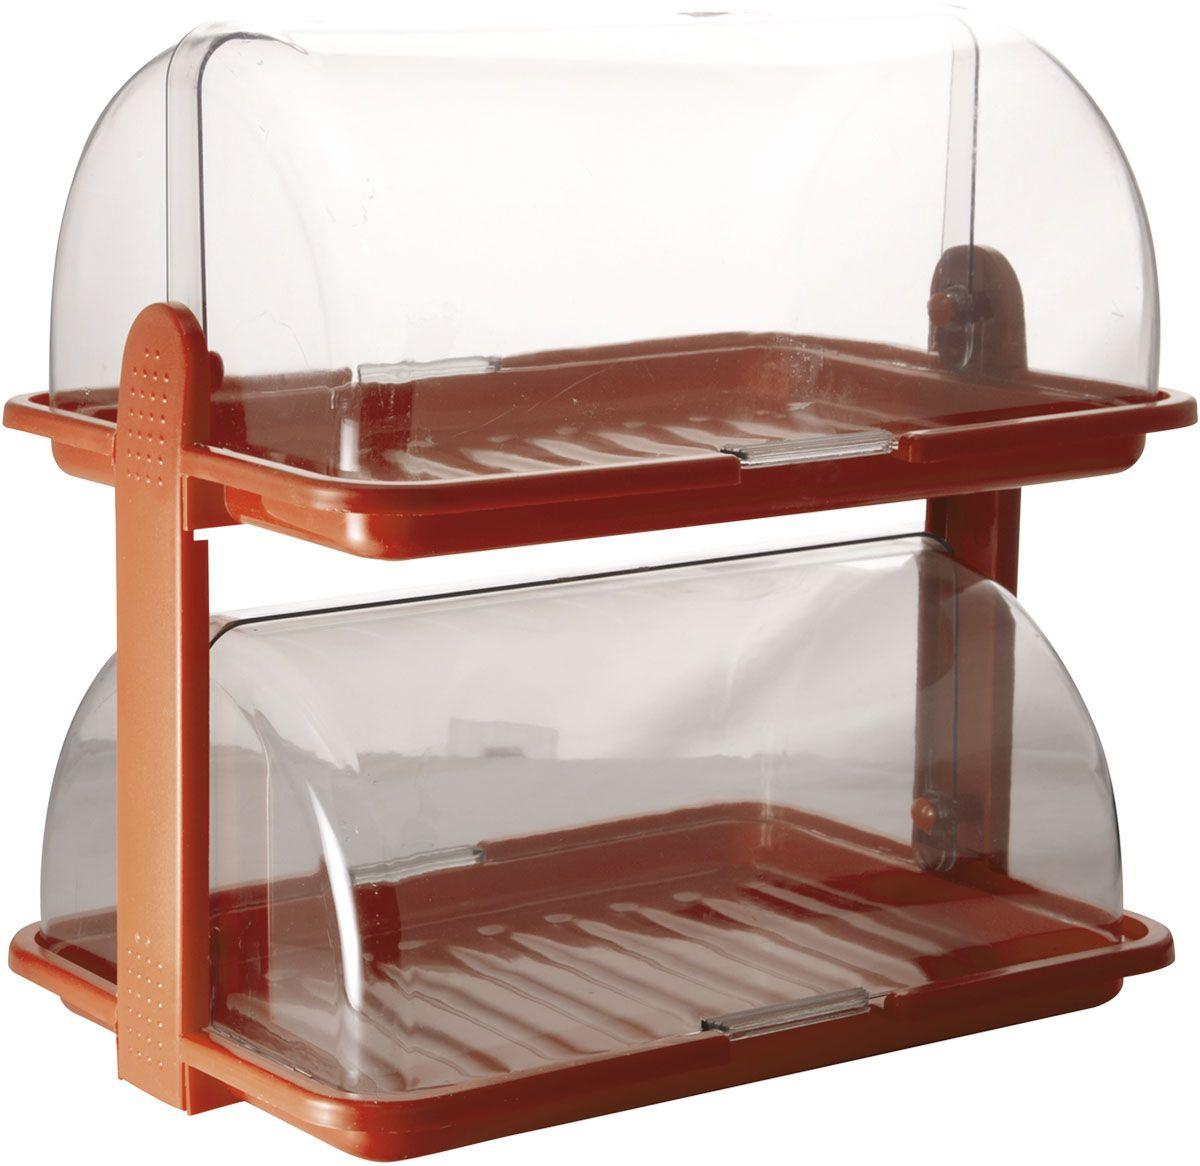 Хлебница Plastic Centre, 2-ярусная, цвет: коричневый, прозрачный, 38,5 х 26 х 37 см79 02471Уникальная двухъярусная хлебница Plastic Centre для любителей выпечки и свежего хлеба. Хлебница выполнена из полипропилена. Она сохранит хлеб свежим длительное время. Благодаря двум раздельным секциям можно хранить сладкую выпечку и хлеб в разных отделениях.